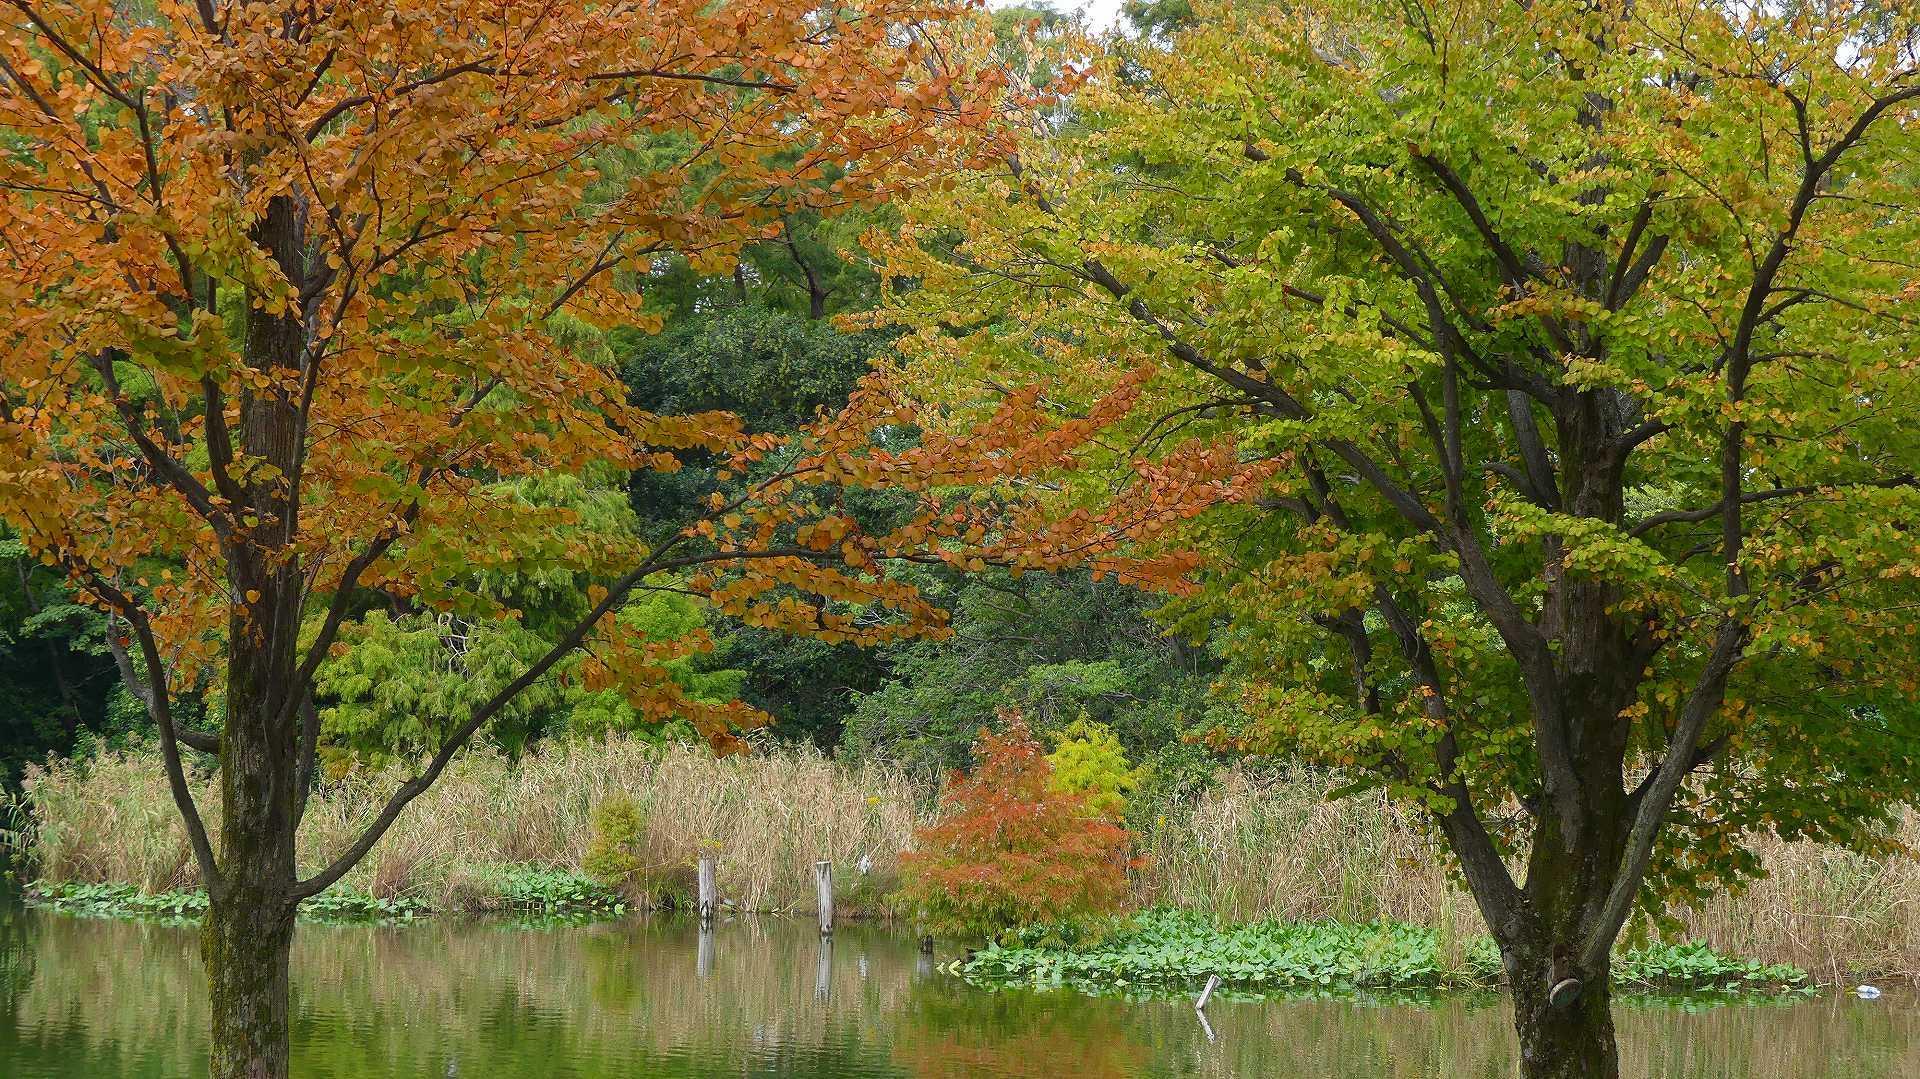 池の奥では・・・_a0185081_12233116.jpg